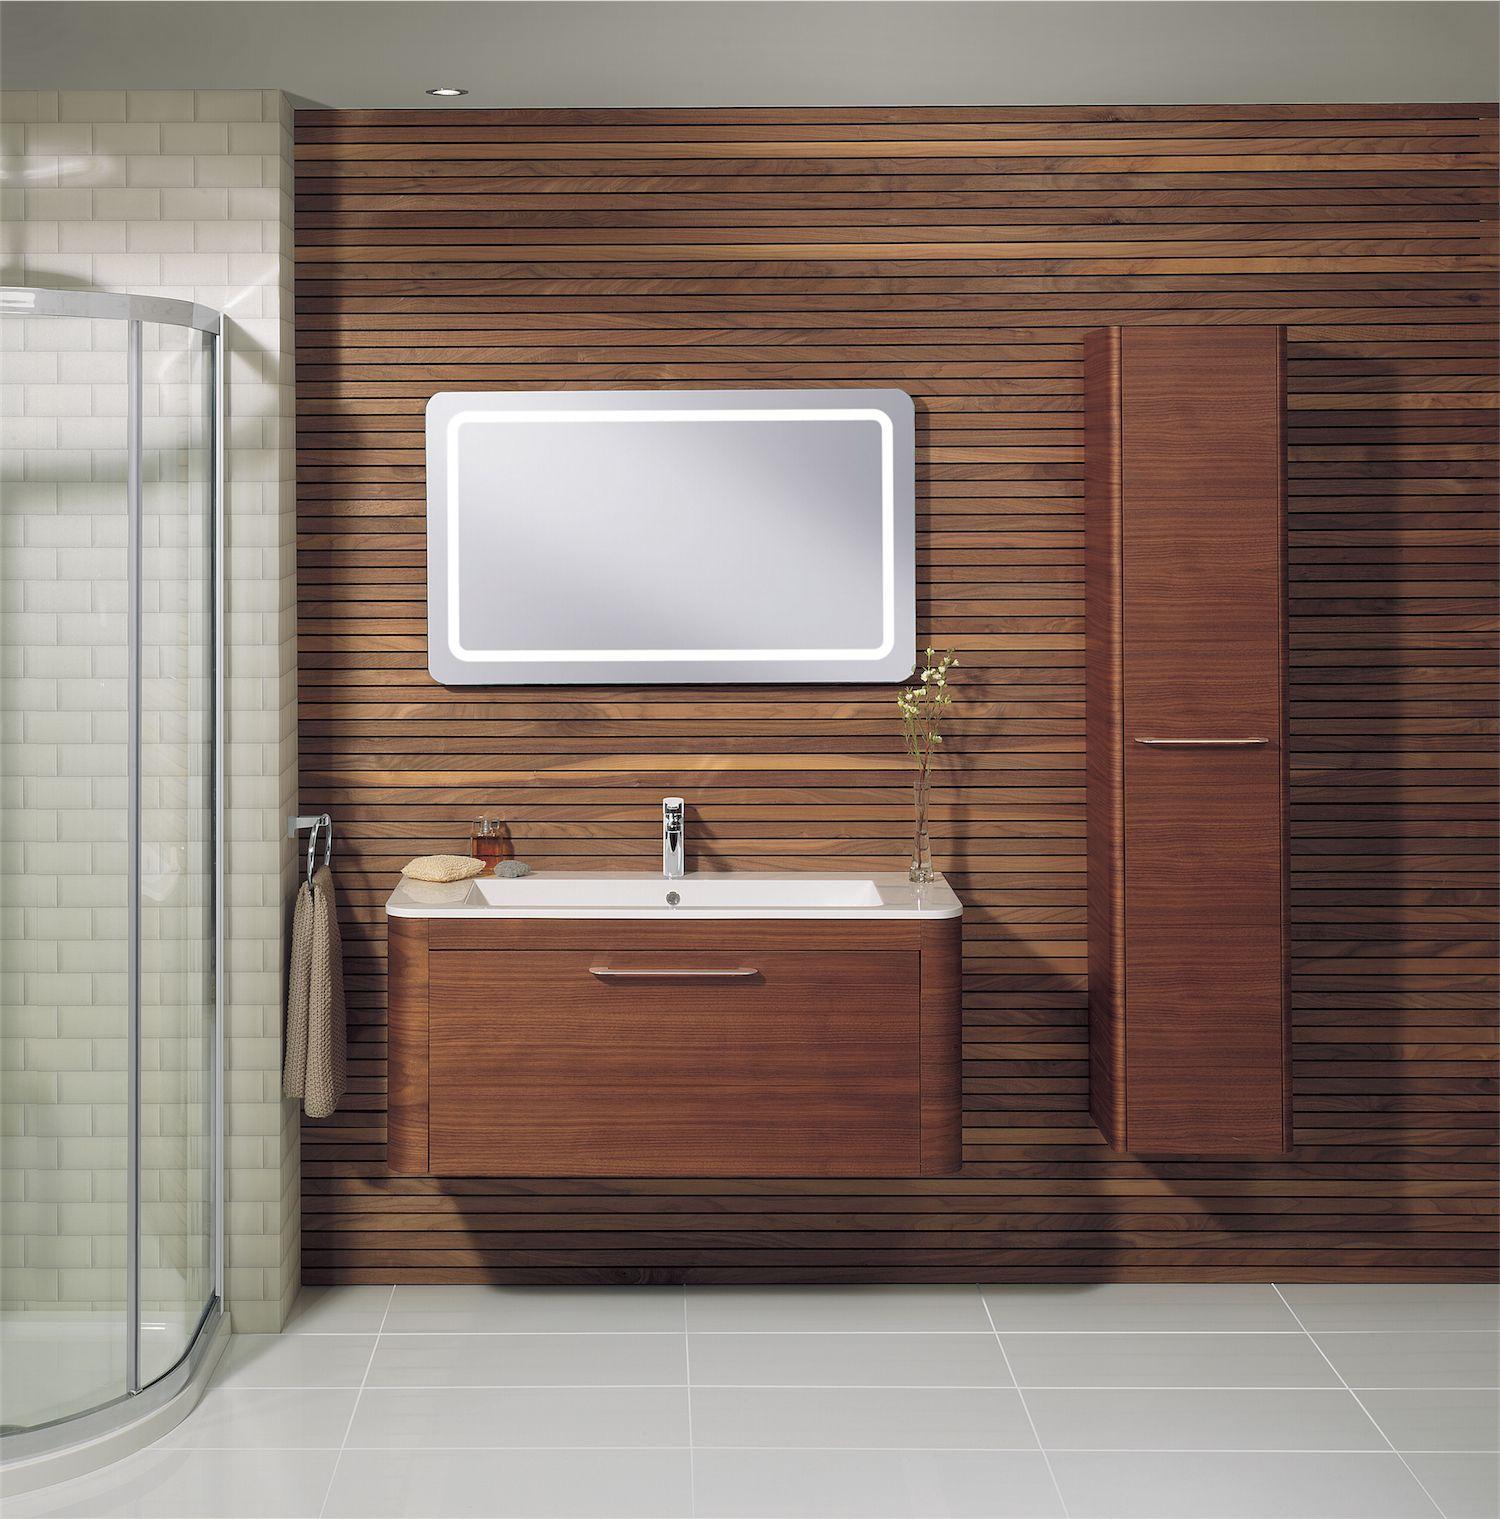 Celeste Bathroom Furniture Range from Crosswater Design